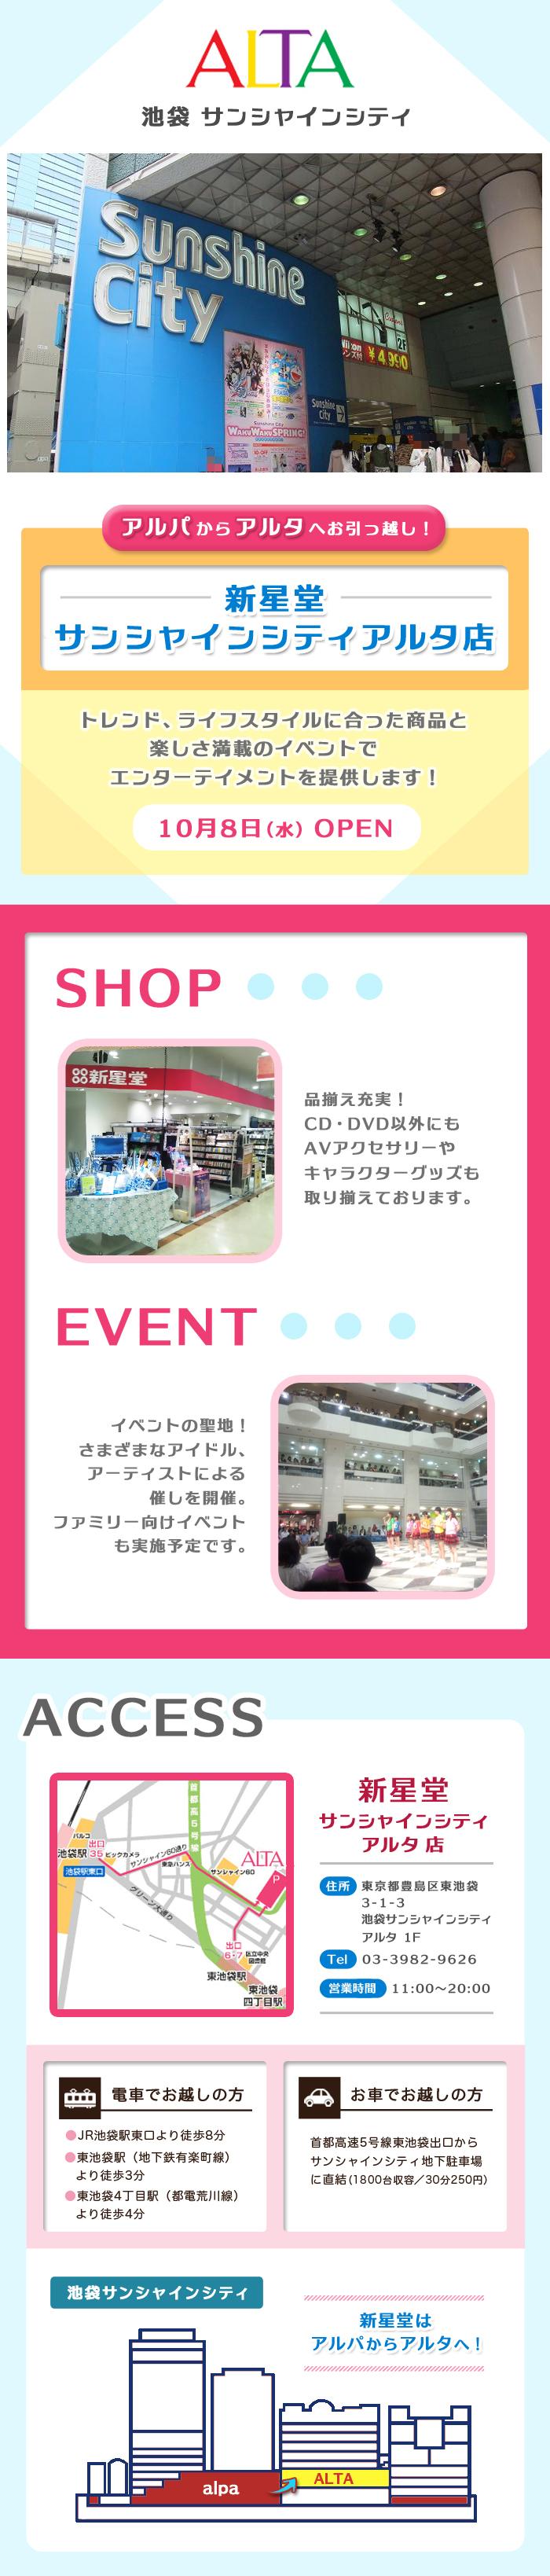 横浜ザ・ダイヤモンド店